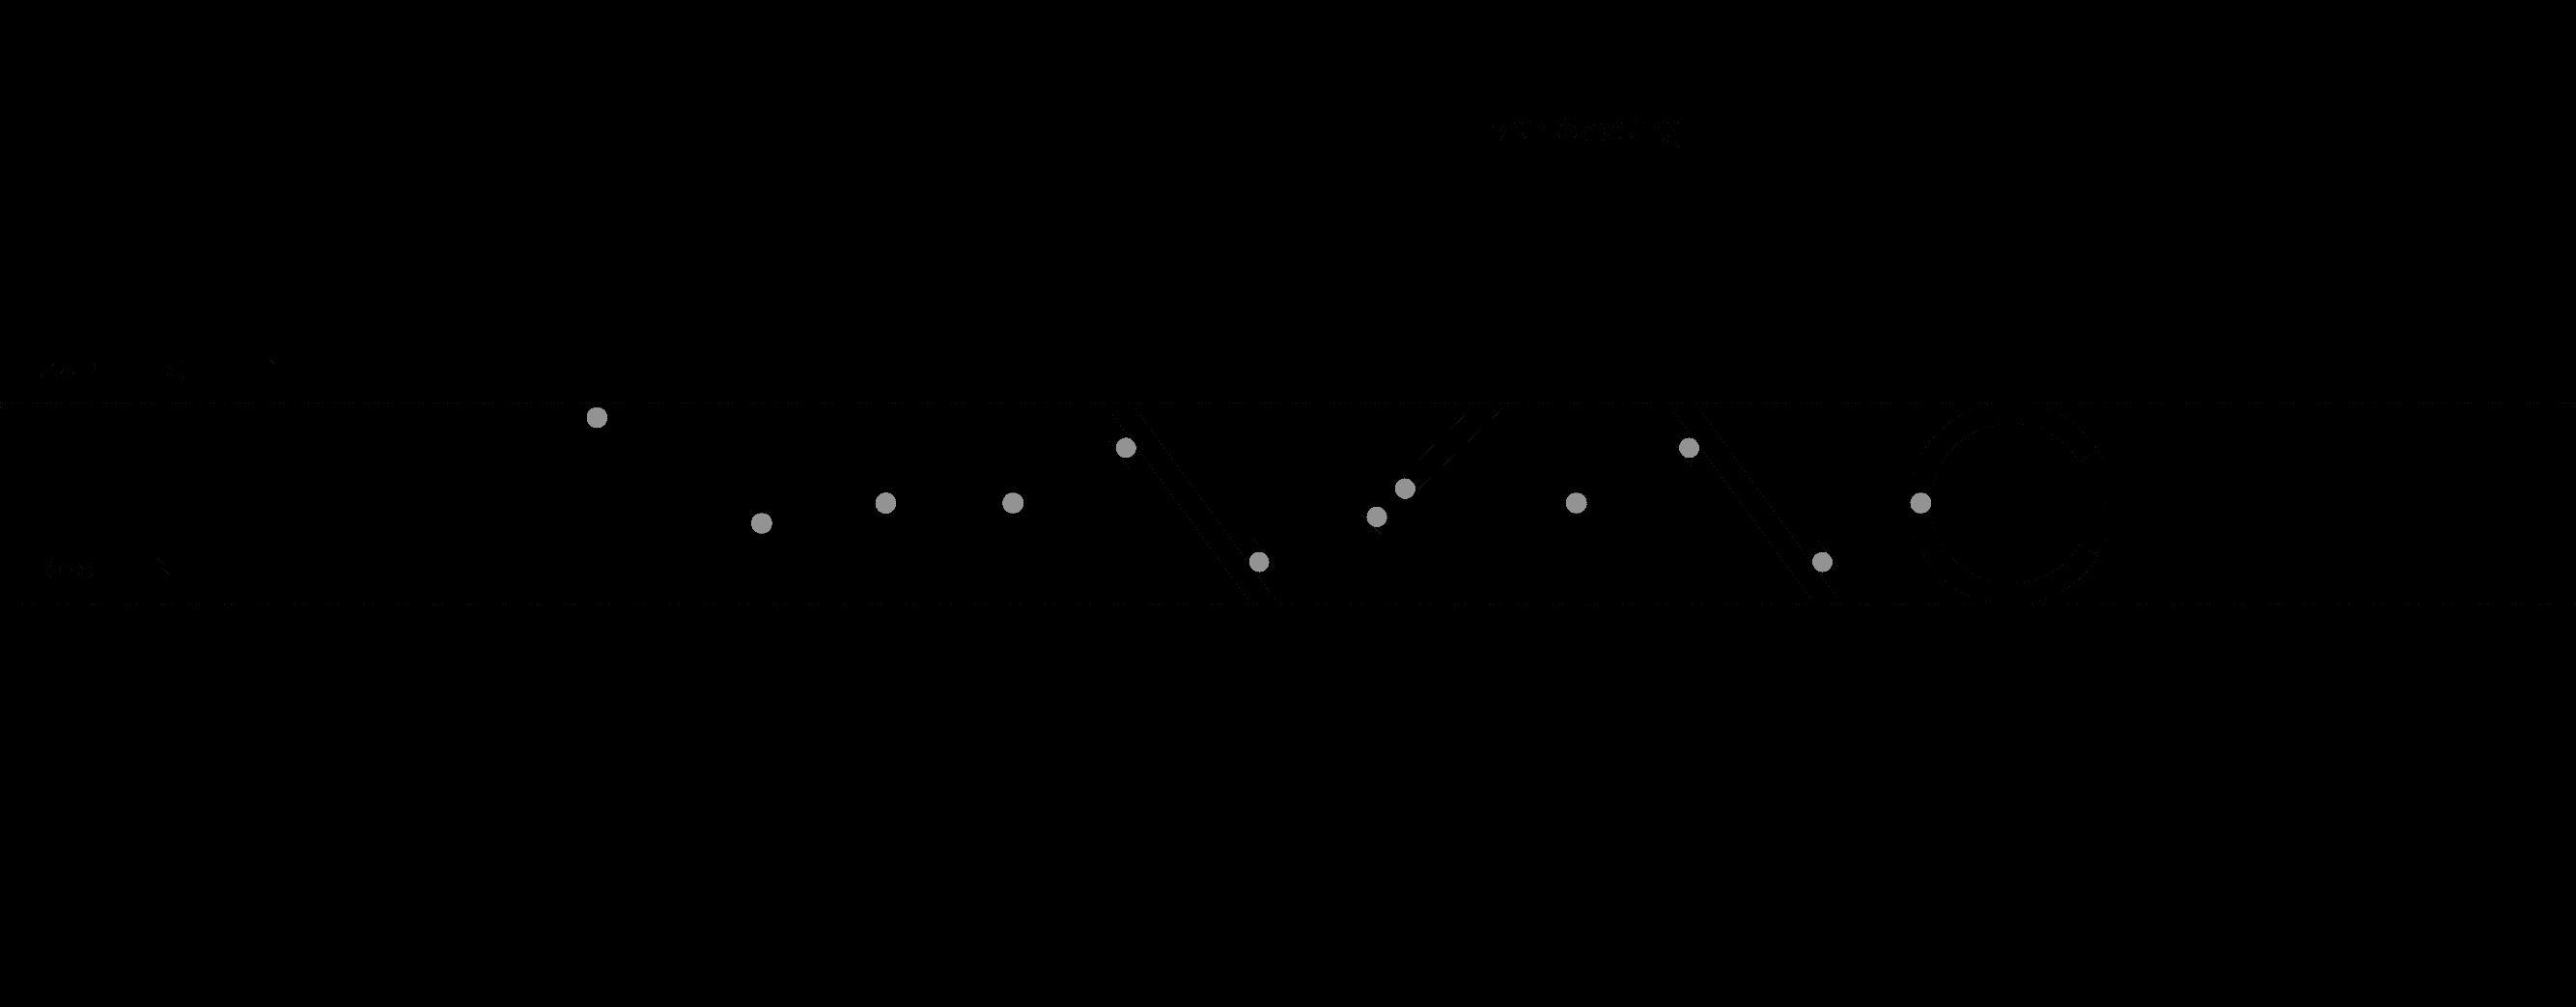 Gemic-Specimen_Regular-03_Compressed